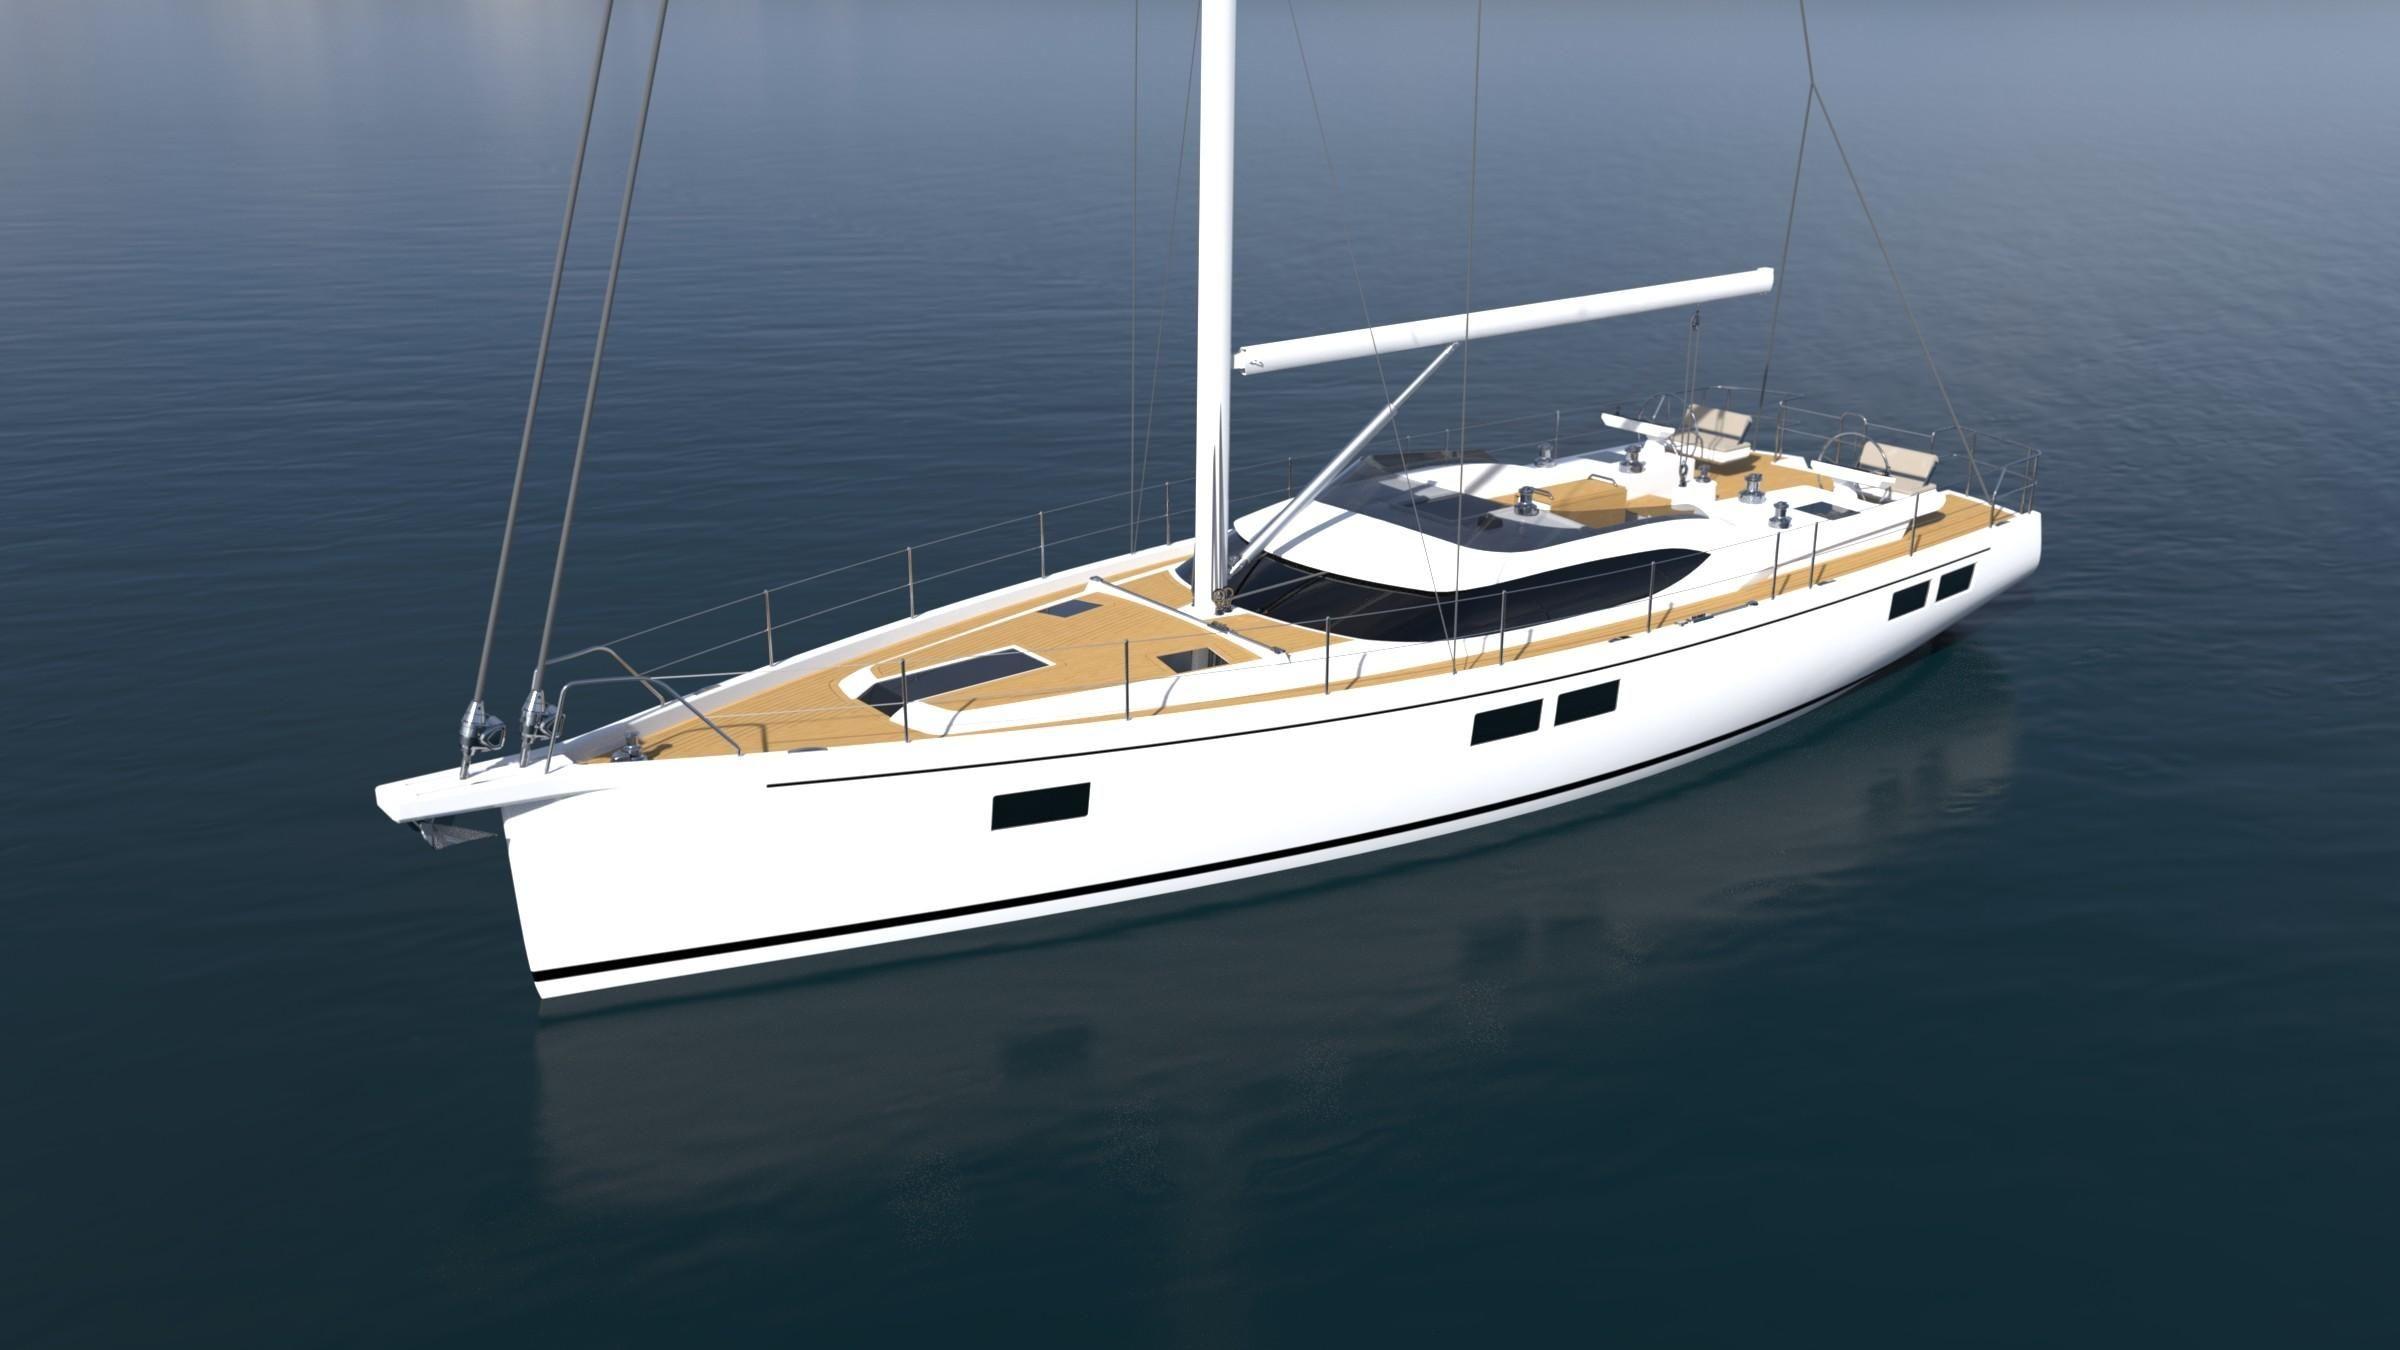 2018 Hylas Hylas 57 Sail Boat For Sale Www Yachtworld Com